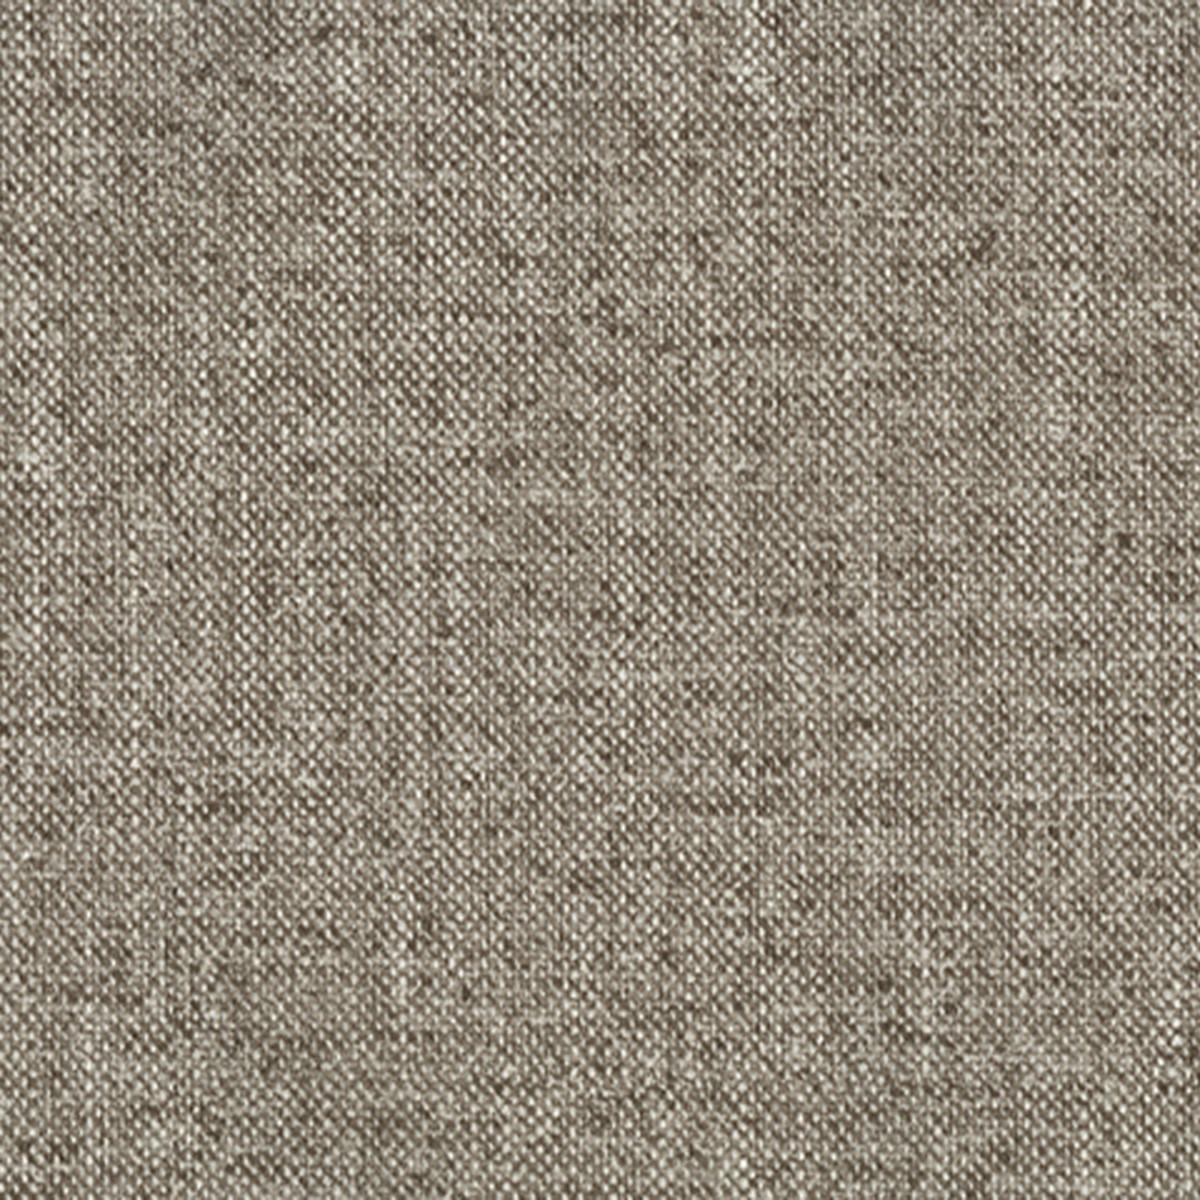 Обои флизелиновые С.Л.Г. серые 1.06 м 1-1091